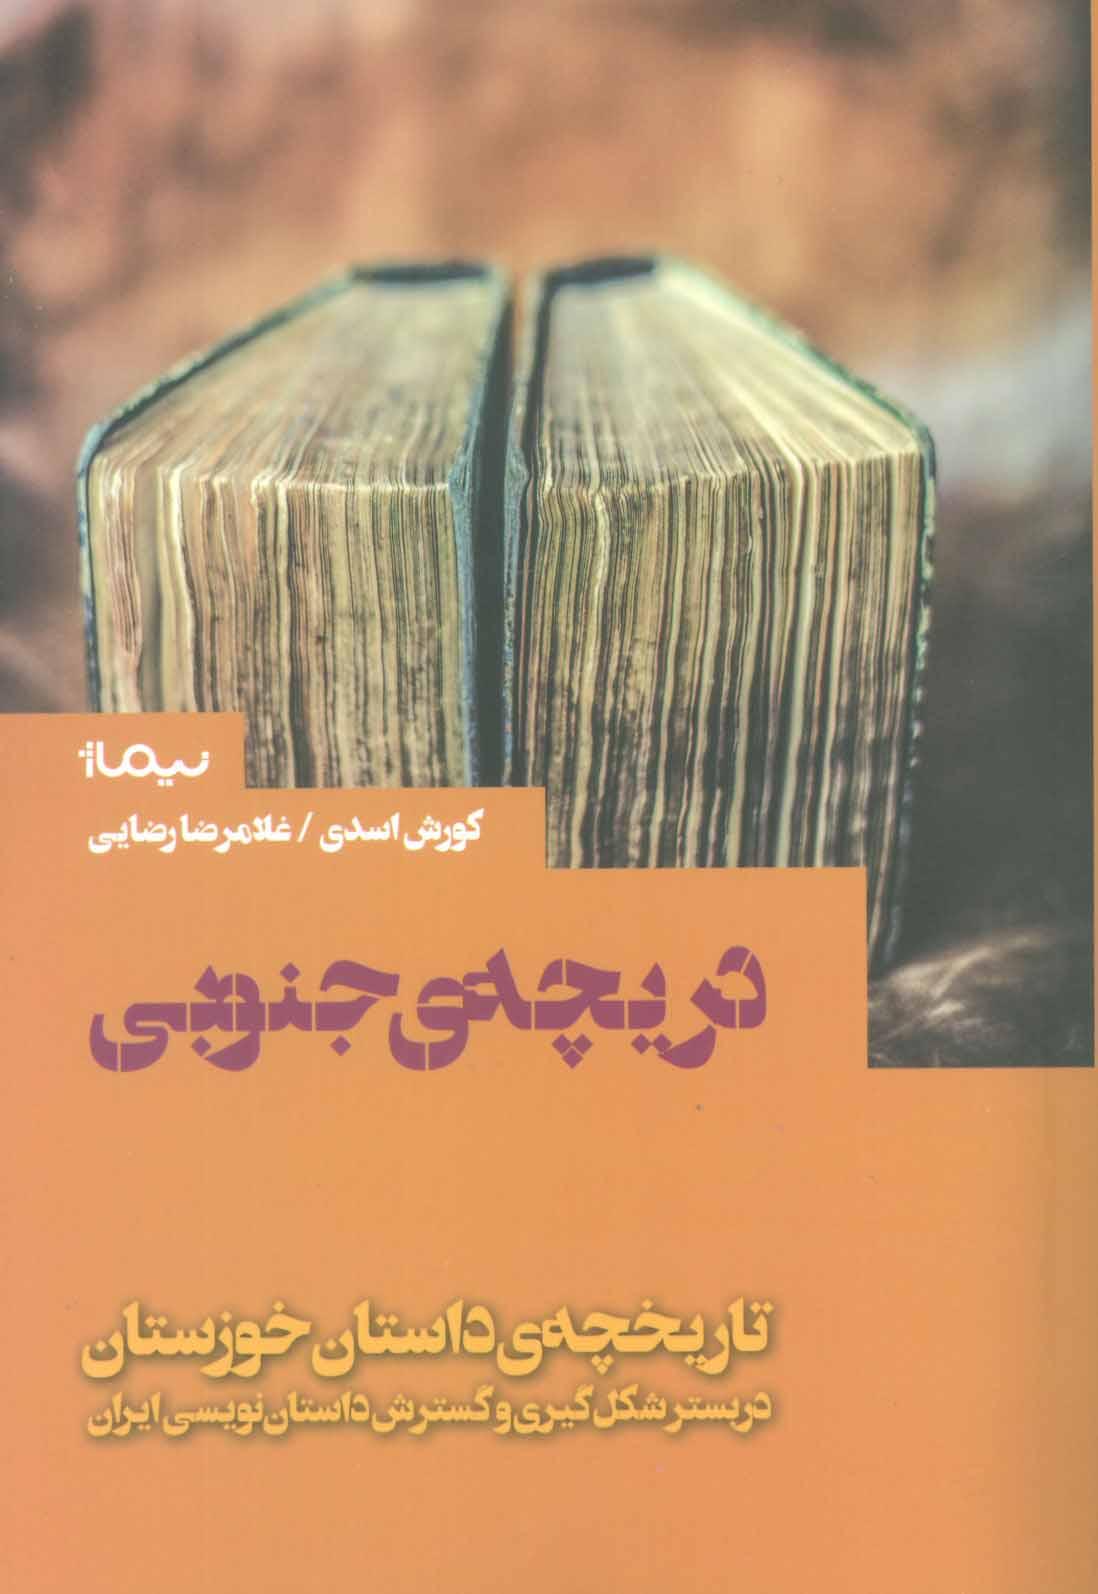 دریچه ی جنوبی (تاریخچه ی داستان خوزستان)،(کتاب بوطیقا)